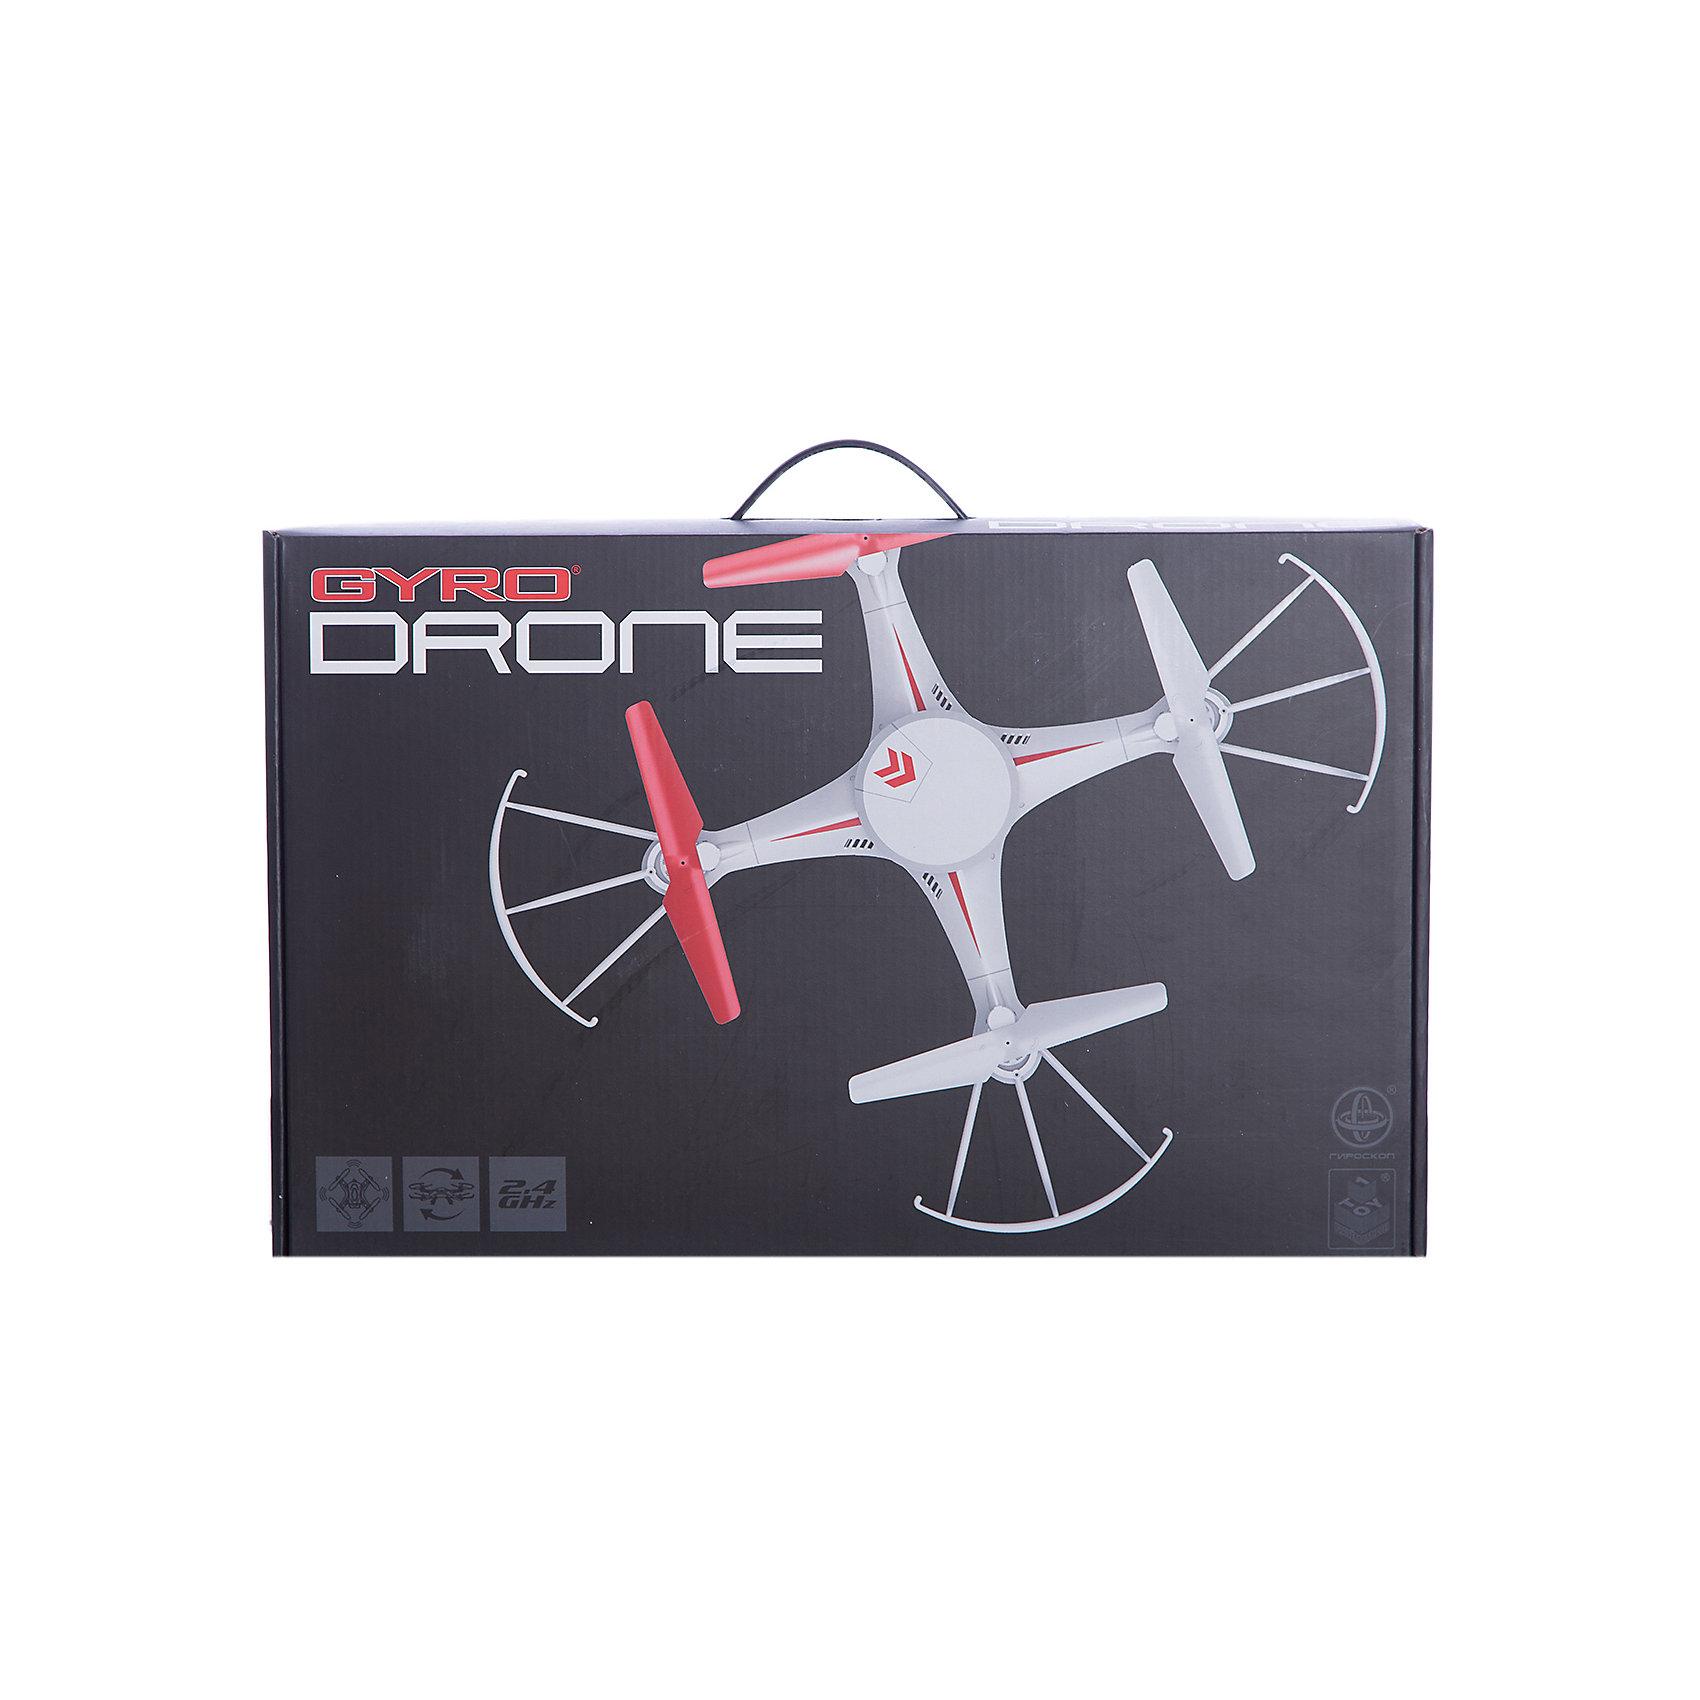 Квадрокоптер GYRO-Drone, 2,4GHz, 4 канала, headless режим, возвращается, 1toyСамолёты и вертолёты<br>Характеристики:<br><br>• Вид игр: сюжетно-ролевые<br>• Пол: для мальчиков<br>• Предназначен: для игр на улице, дома<br>• Материал: пластик, металл<br>• Размер квадрокоптера: 30*30 см<br>• Комплектация: квадрокоптер, джойстик, 4 запасные лопасти<br>• Батарейки для джойстика: 6 шт. типа ААА (в комплекте не предусмотрены)<br>• Предусмотены 2 скоростных режима<br>• Функция автоматического возвращения на старт<br>• Регулировка вращения<br>• Радиус действия: до 80 м<br>• Свободный полет: до 10 минут<br>• Время полной зарядки: до 120 минут<br>• Тип зарядного устройства: USB-кабель<br>• Вес упаковки: 950 г<br>• Размеры упаковки (Г*Ш*В): 10*30*47 см<br>• Упаковка: картонная коробка <br><br>Квадрокоптер GYRO-Drone, 2,4GHz, 4 канала, headless режим, возвращается, 1toy от отечественного торгового бренда предназначен для игр как на улице, так и дома. Игрушечный квадрокоптер представляет собой летательный аппарат, оснащенный четырьмя пропеллерами, управление которым осуществляется за счет джойстика. Дальность действия сигнала составляет до 80 метров, благодаря чему с квадрокоптером будет особенно интересно играть на улице. У игрушки предусмотрены 2 скоростных режима, предусмотрен визуальный тримминг и функция возврата на старт. Светящаяся в темноте платформа делает полеты эффектными в вечернее время. Все детали выполнены из безопасного и прочного пластика, устойчивого к повреждениям. Квадрокоптер GYRO-Drone, 2,4GHz, 4 канала, headless режим, возвращается, 1toy станет прекрасным подарком для детей, увлекающихся моделированием летательных аппаратов!<br><br>Квадрокоптер GYRO-Drone, 2,4GHz, 4 канала, headless режим, возвращается, 1toy можно купить в нашем интернет-магазине.<br><br>Ширина мм: 470<br>Глубина мм: 100<br>Высота мм: 300<br>Вес г: 945<br>Возраст от месяцев: 60<br>Возраст до месяцев: 192<br>Пол: Мужской<br>Возраст: Детский<br>SKU: 5355527